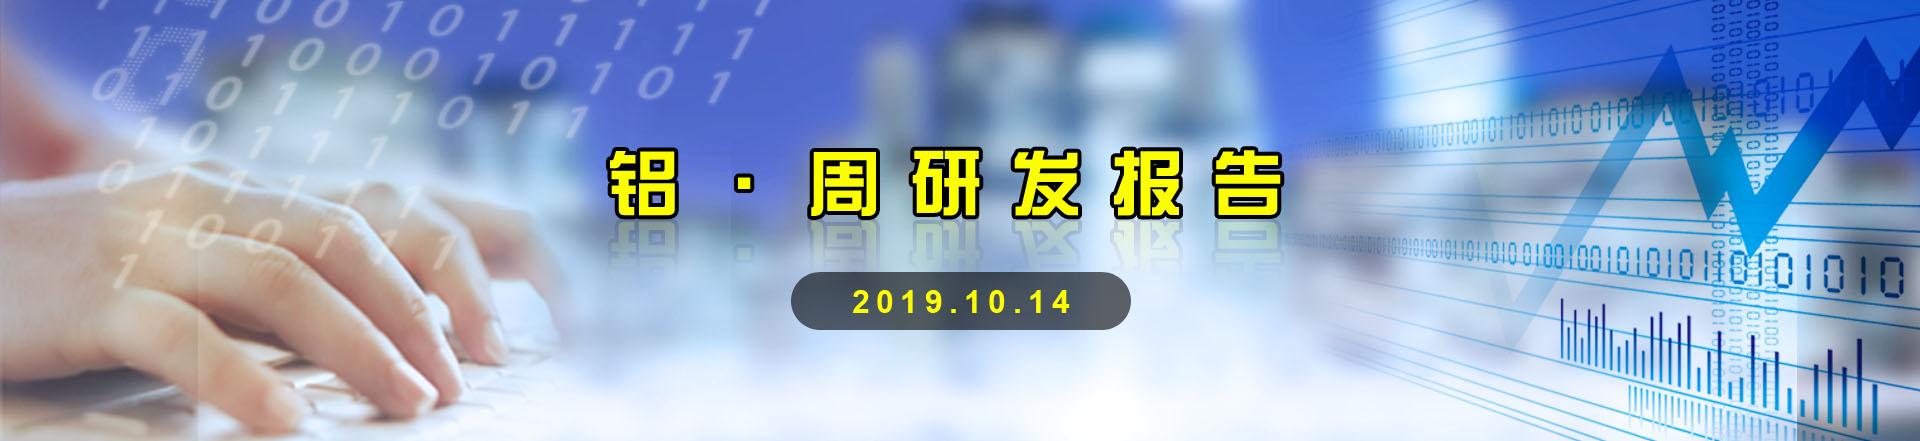 【铝】铝·周研发报告集锦 20191014